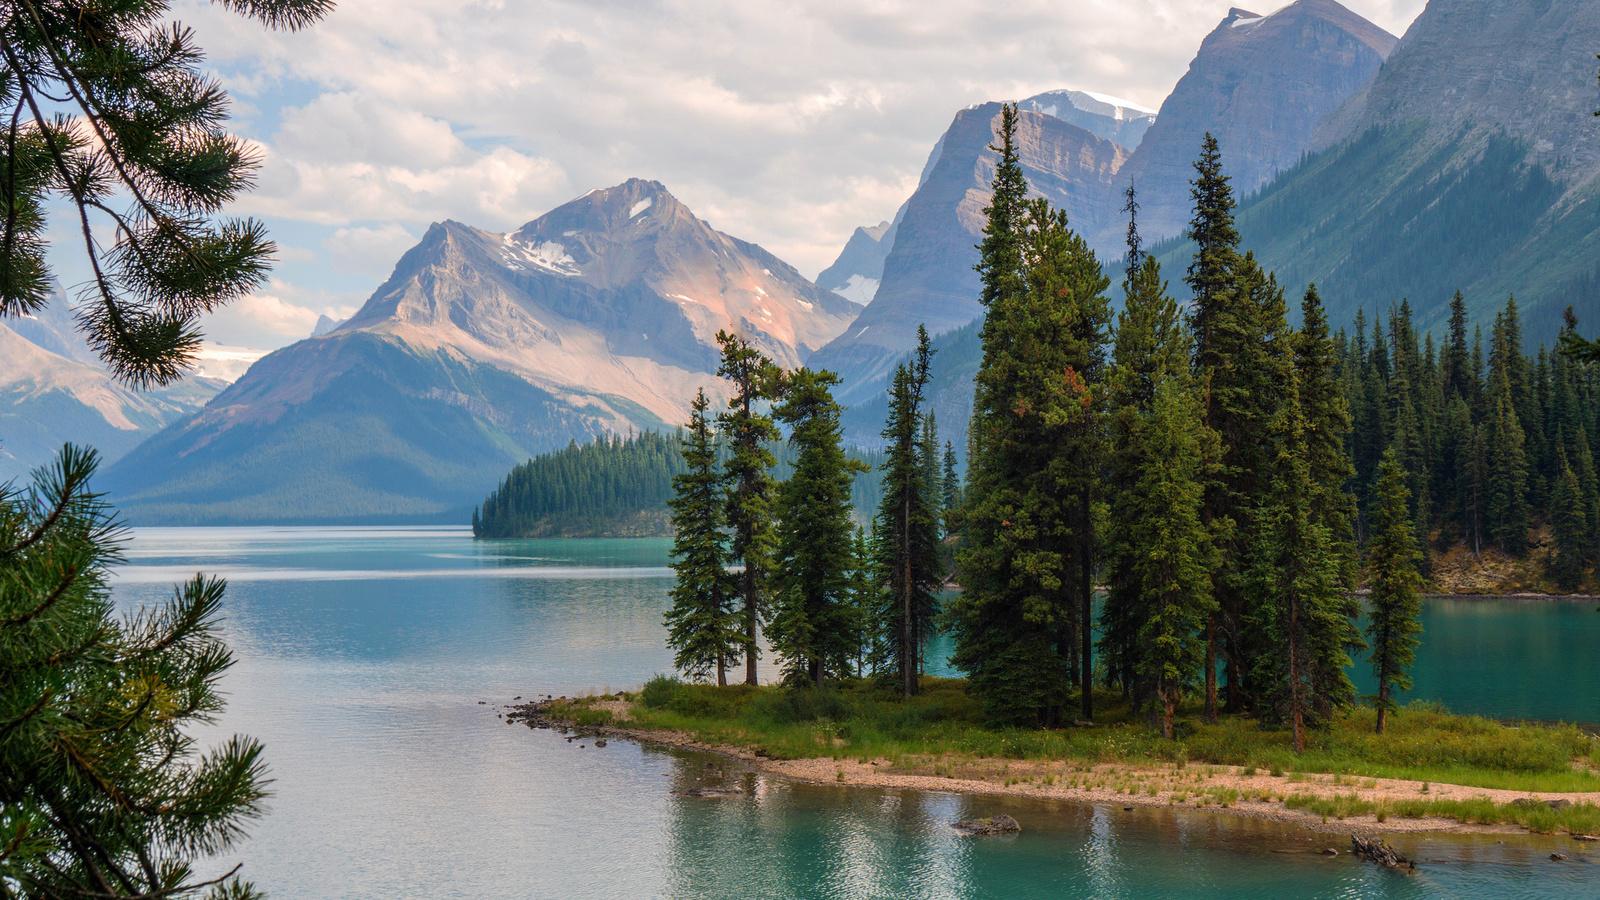 природа, пейзаж, национальный парк, jasper, джаспер, альберта, канада, горы, озеро, maligne, леса